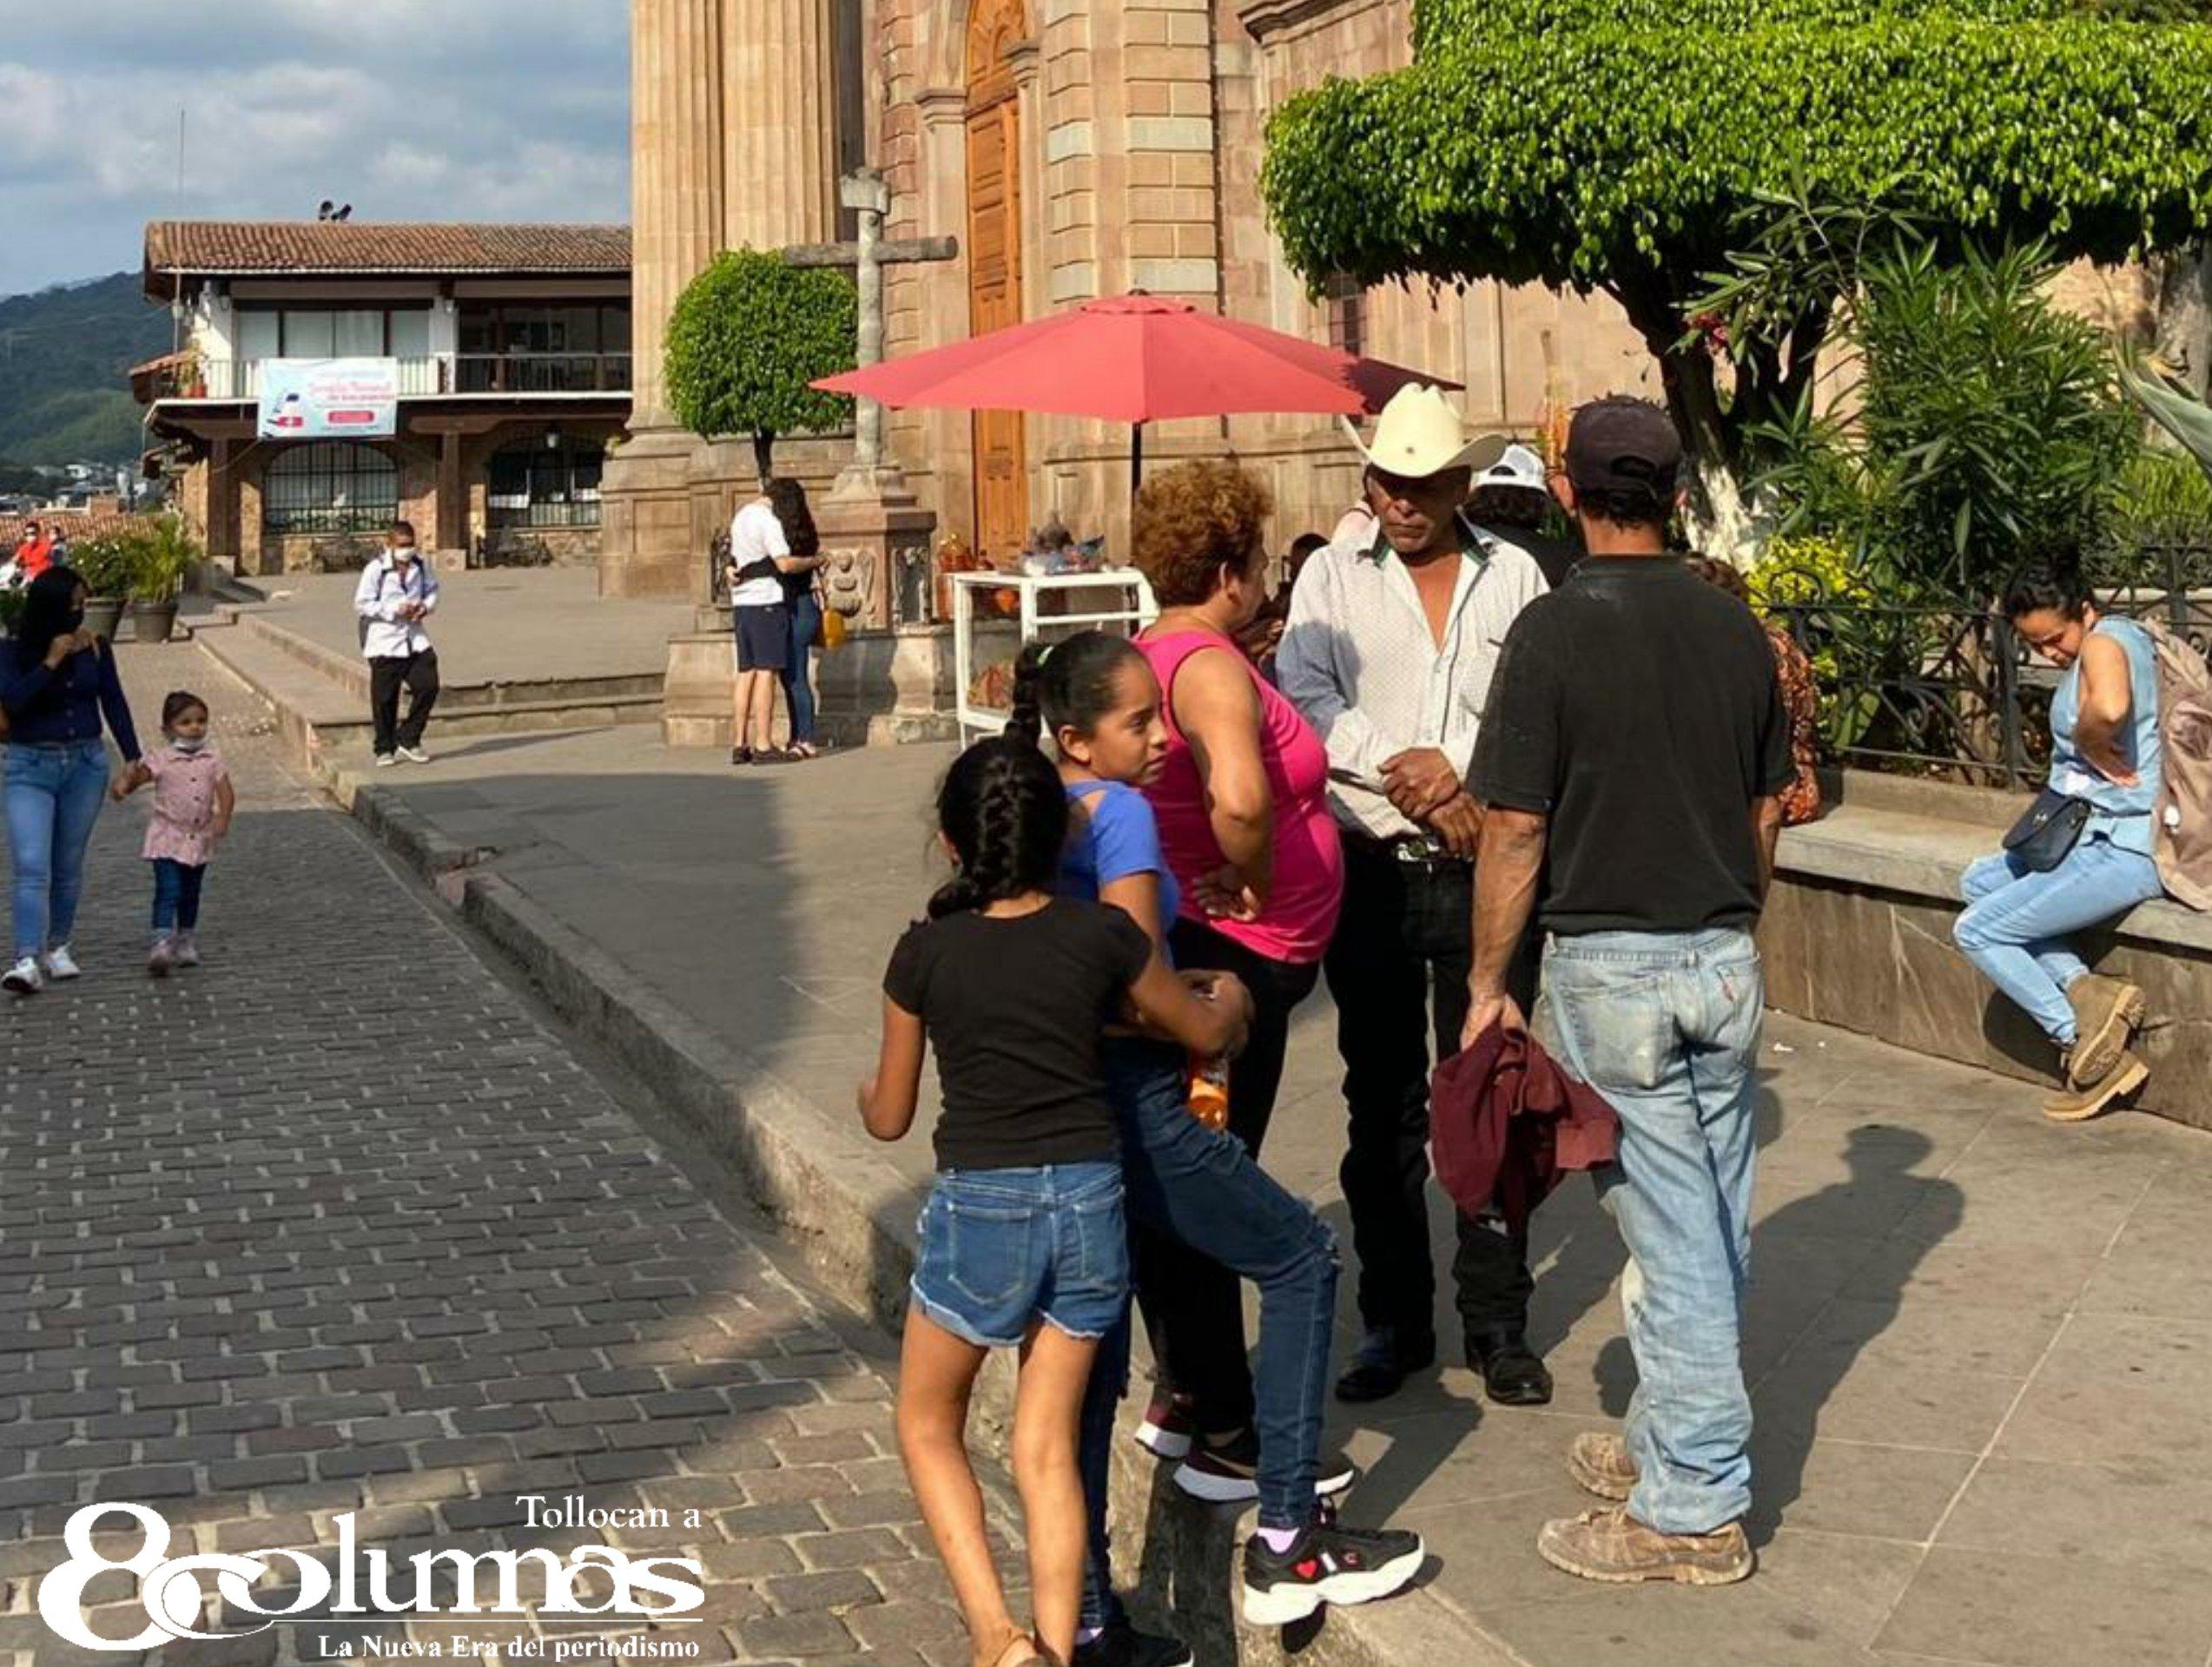 Inician multas por no usar cubrebocas en Valle de Bravo - Nov 16, 2020